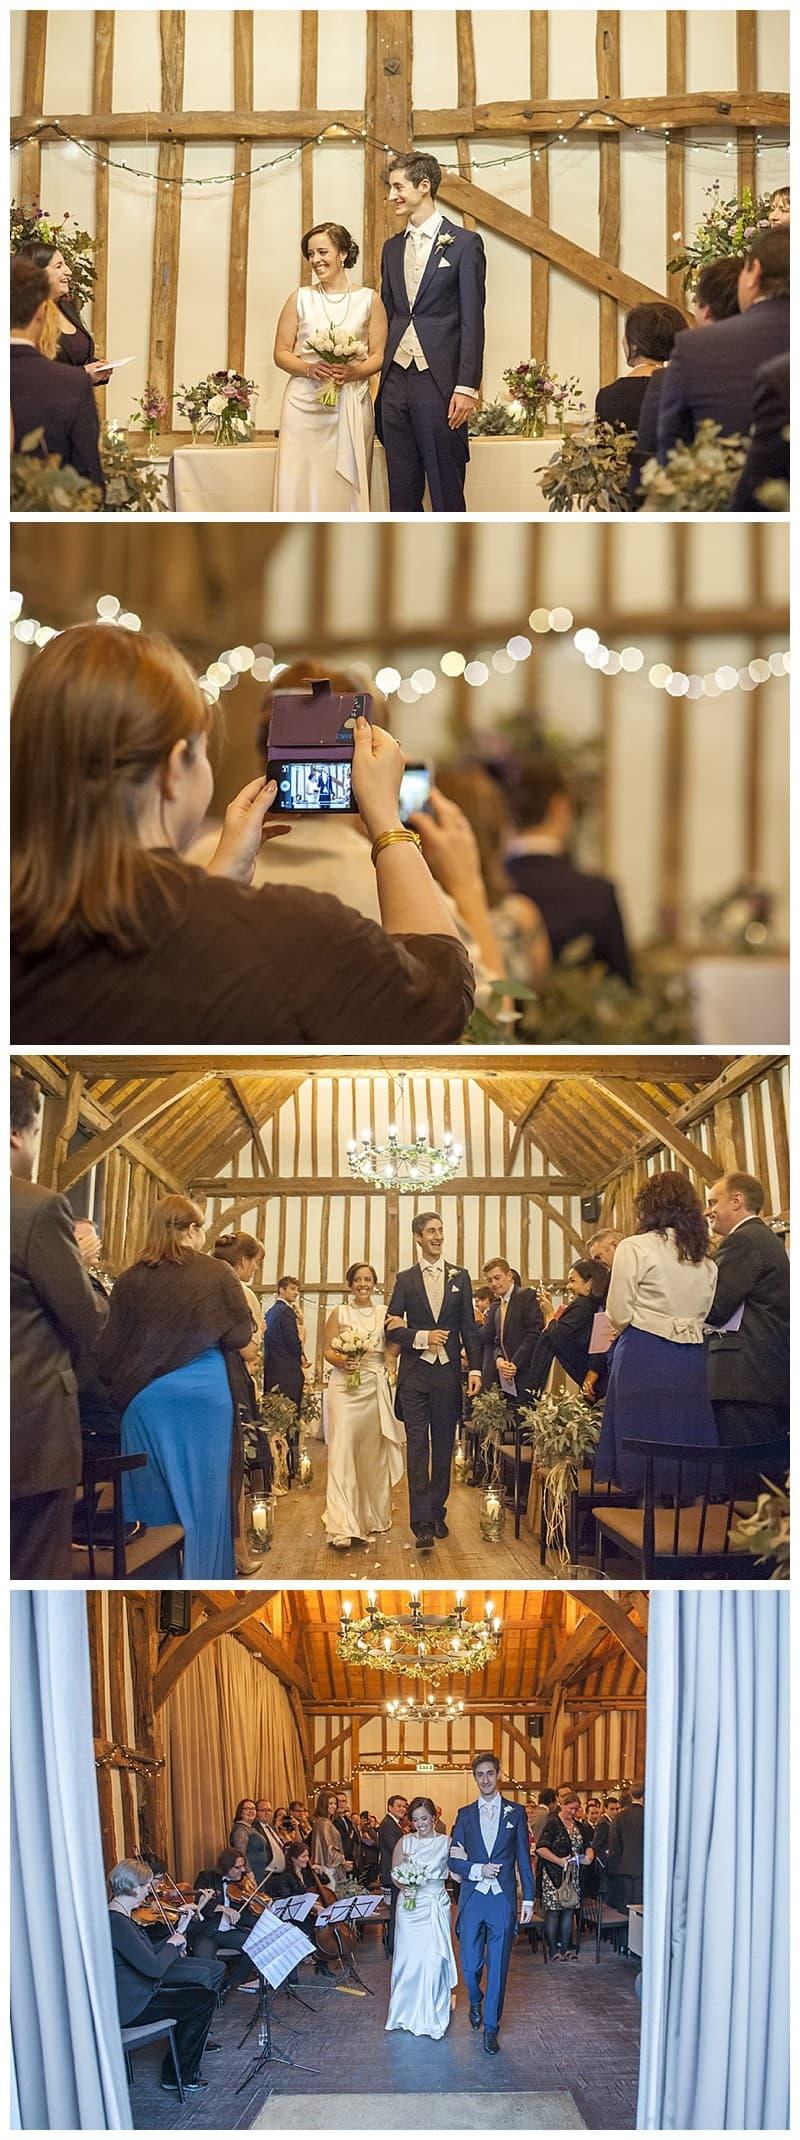 Stuart & Deborah, The Olde Bell, Hurley Wedding, Benjamin Wetherall Photography0051